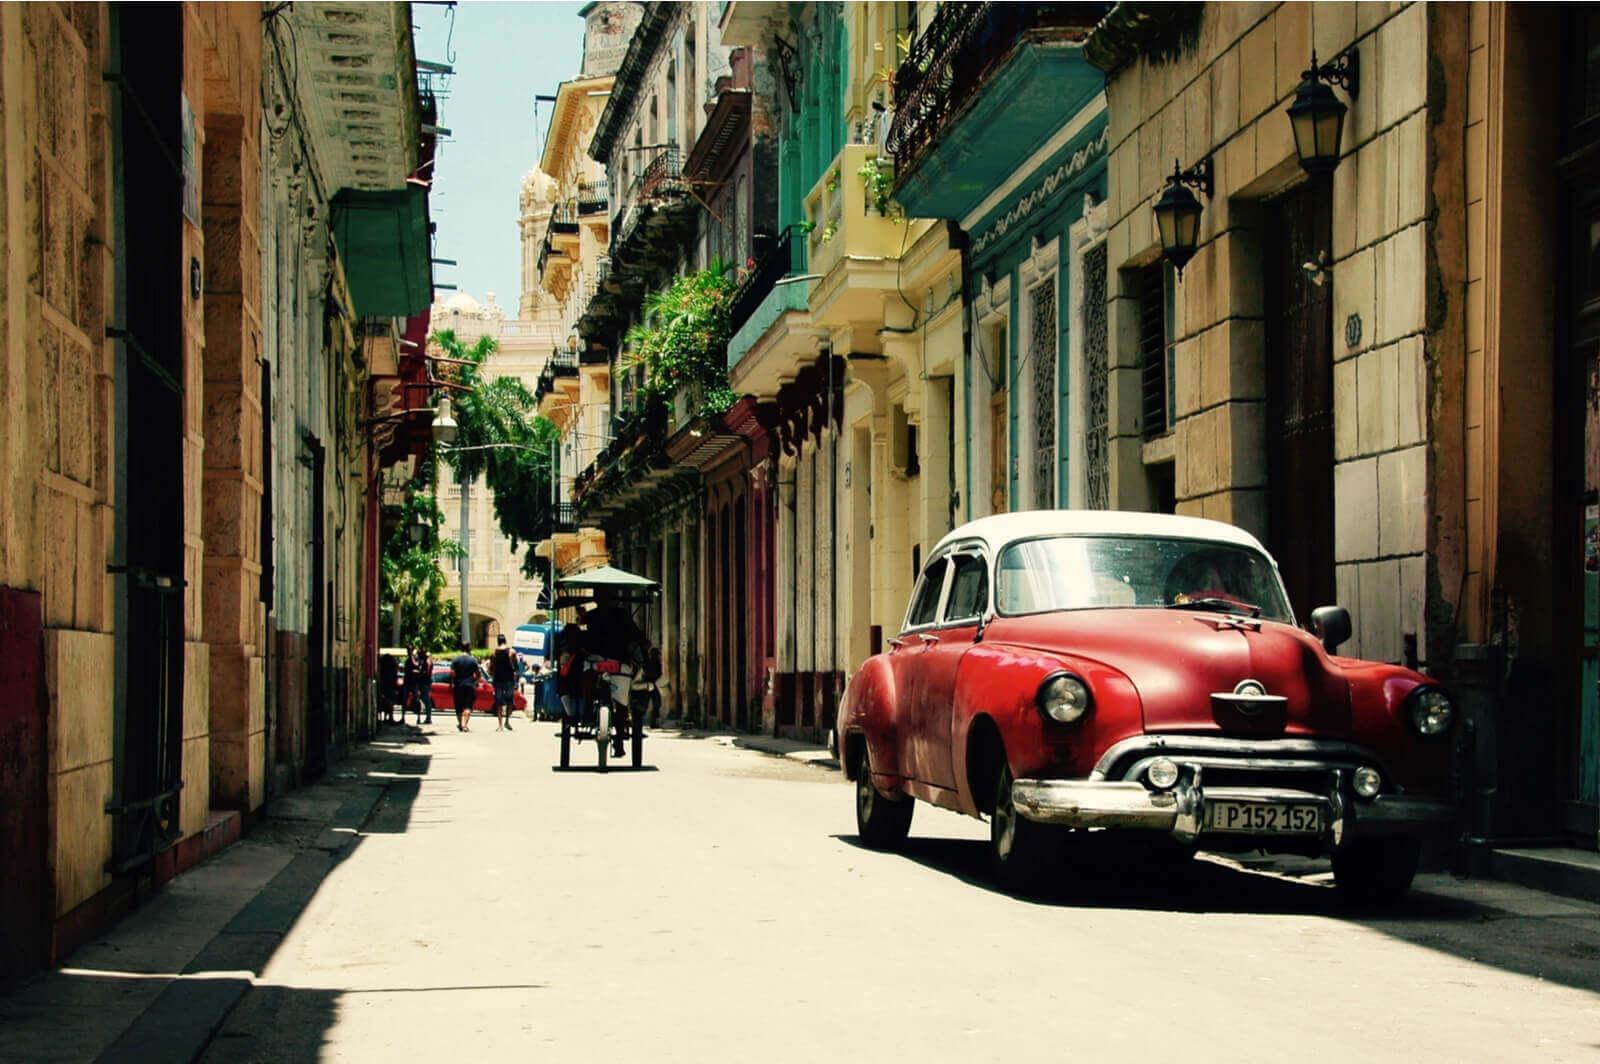 Oldtimer en fietstaxi in straatje Havana, Cuba